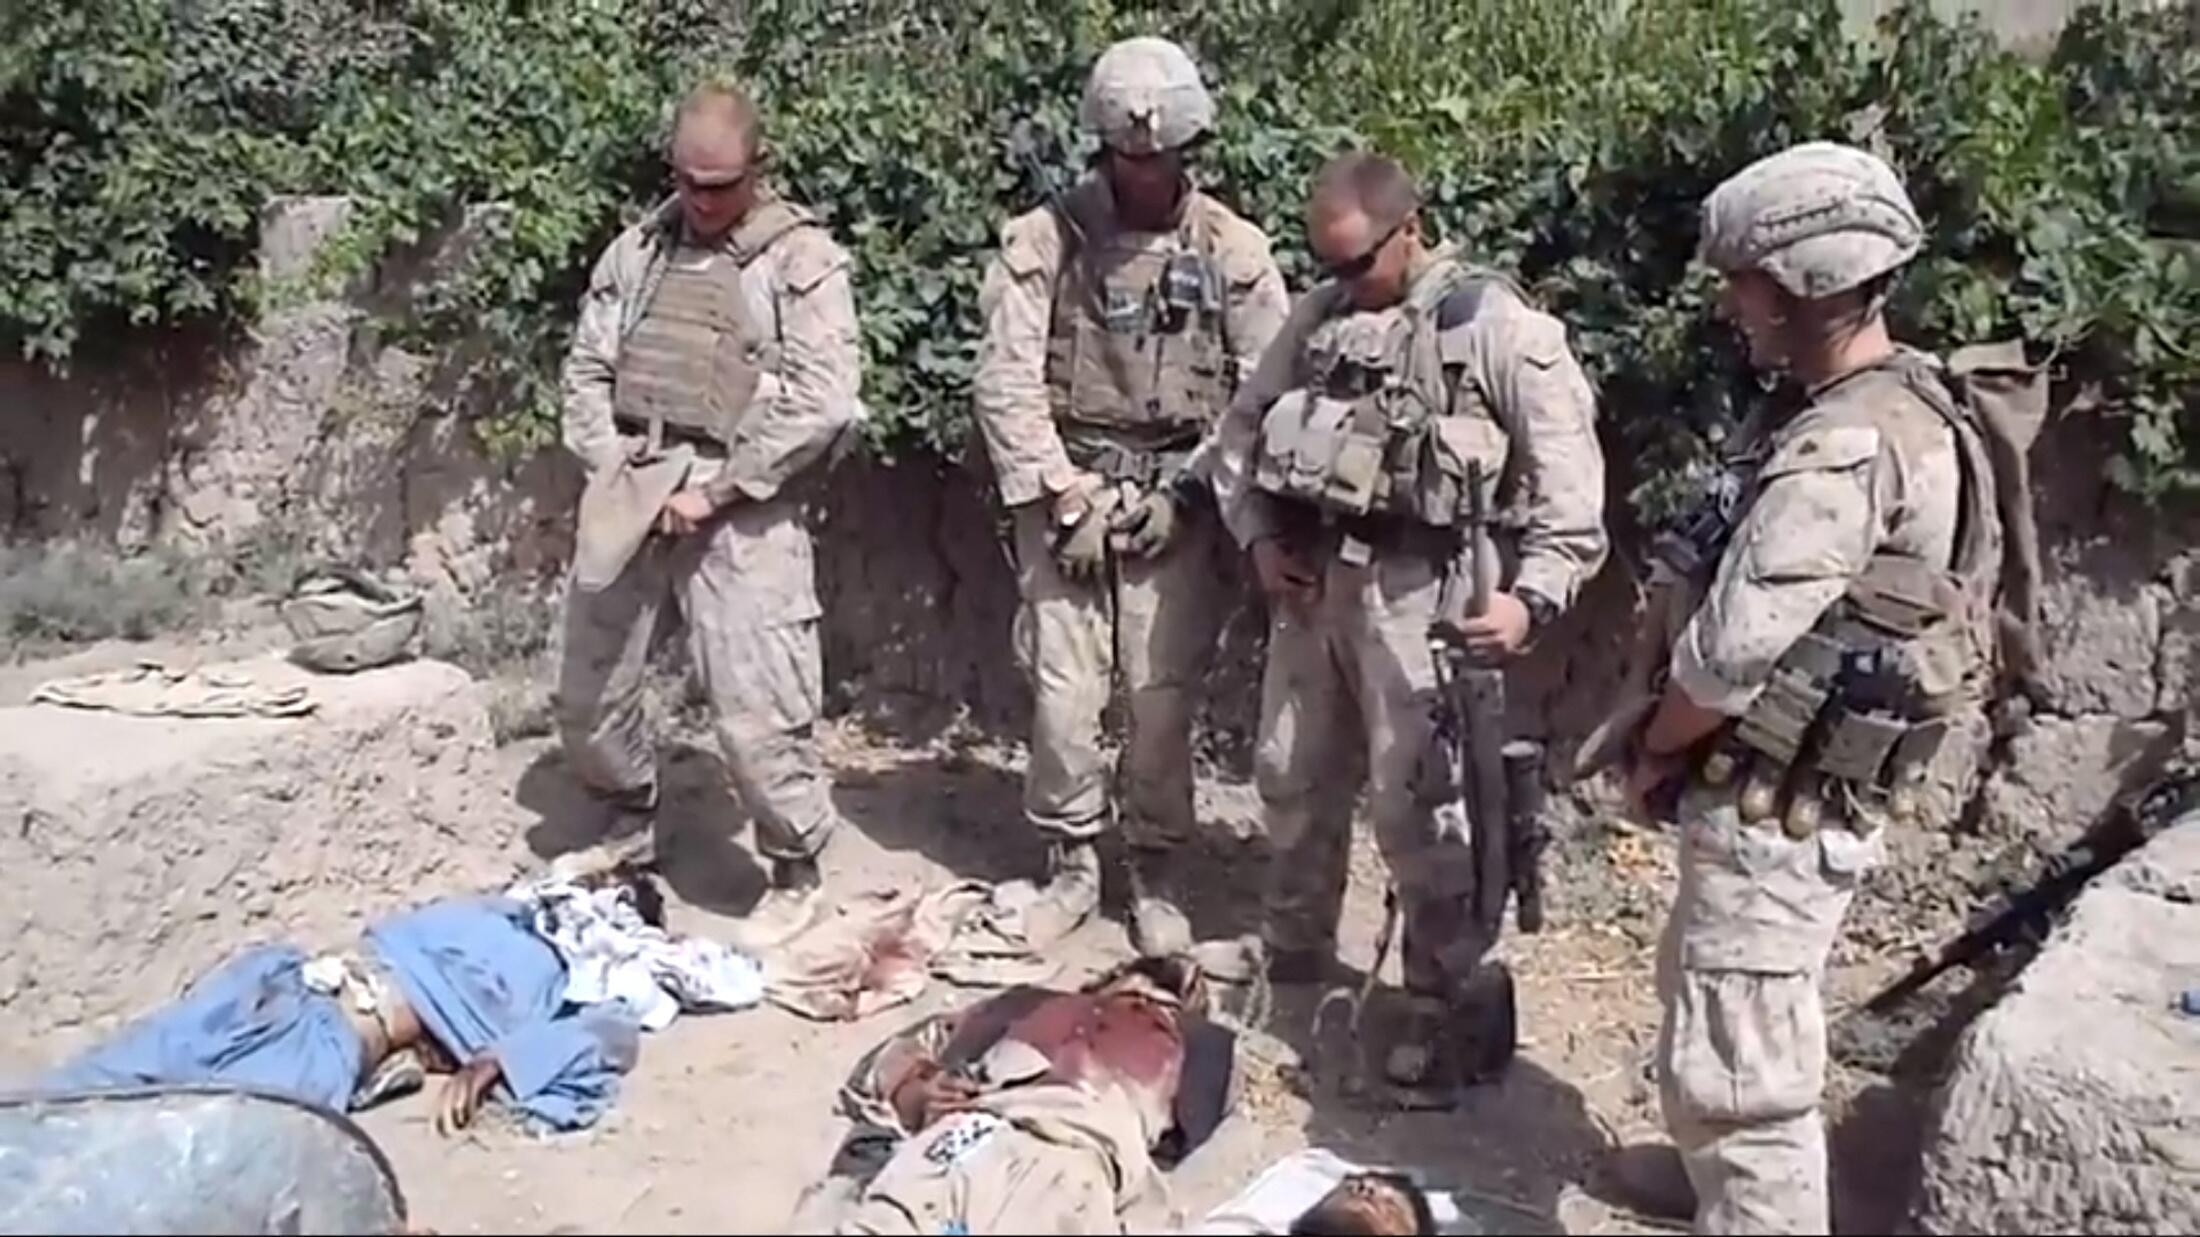 Vídeo divulgado no YouTube nesta quarta-feira mostra soldados americanos urinando sobre corpos de talibãs mortos.